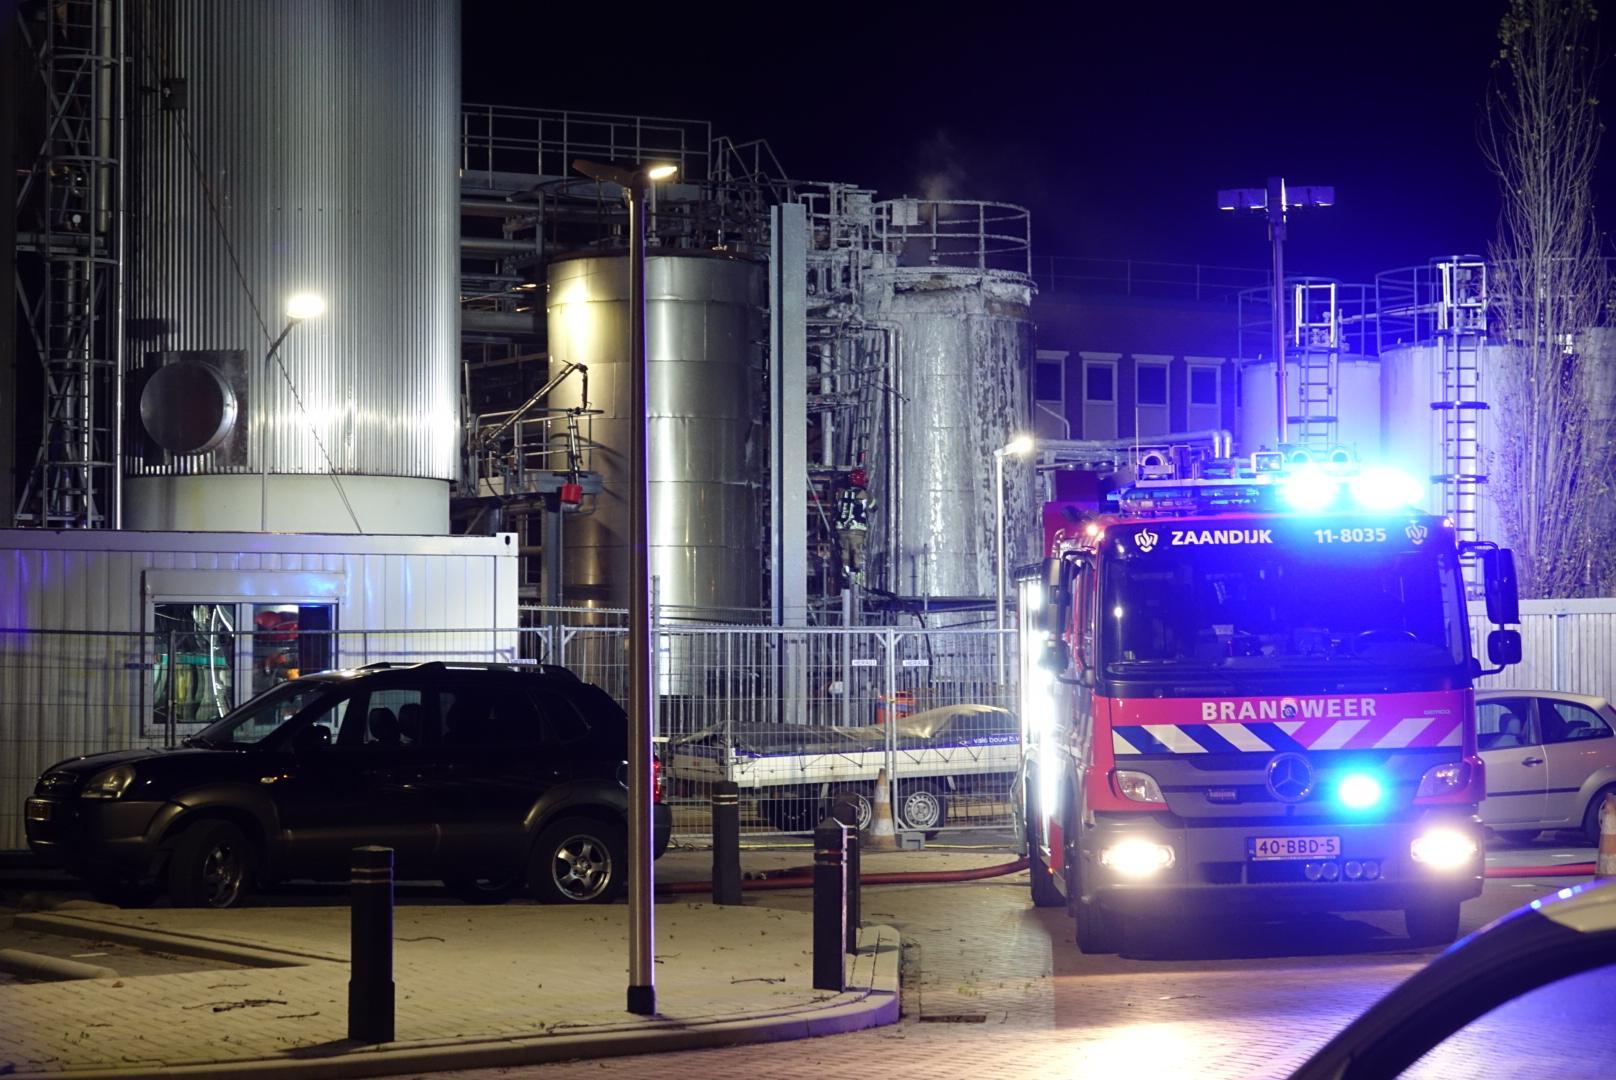 Grote brand bij vetproducent Loders Croklaan in Wormerveer [update]